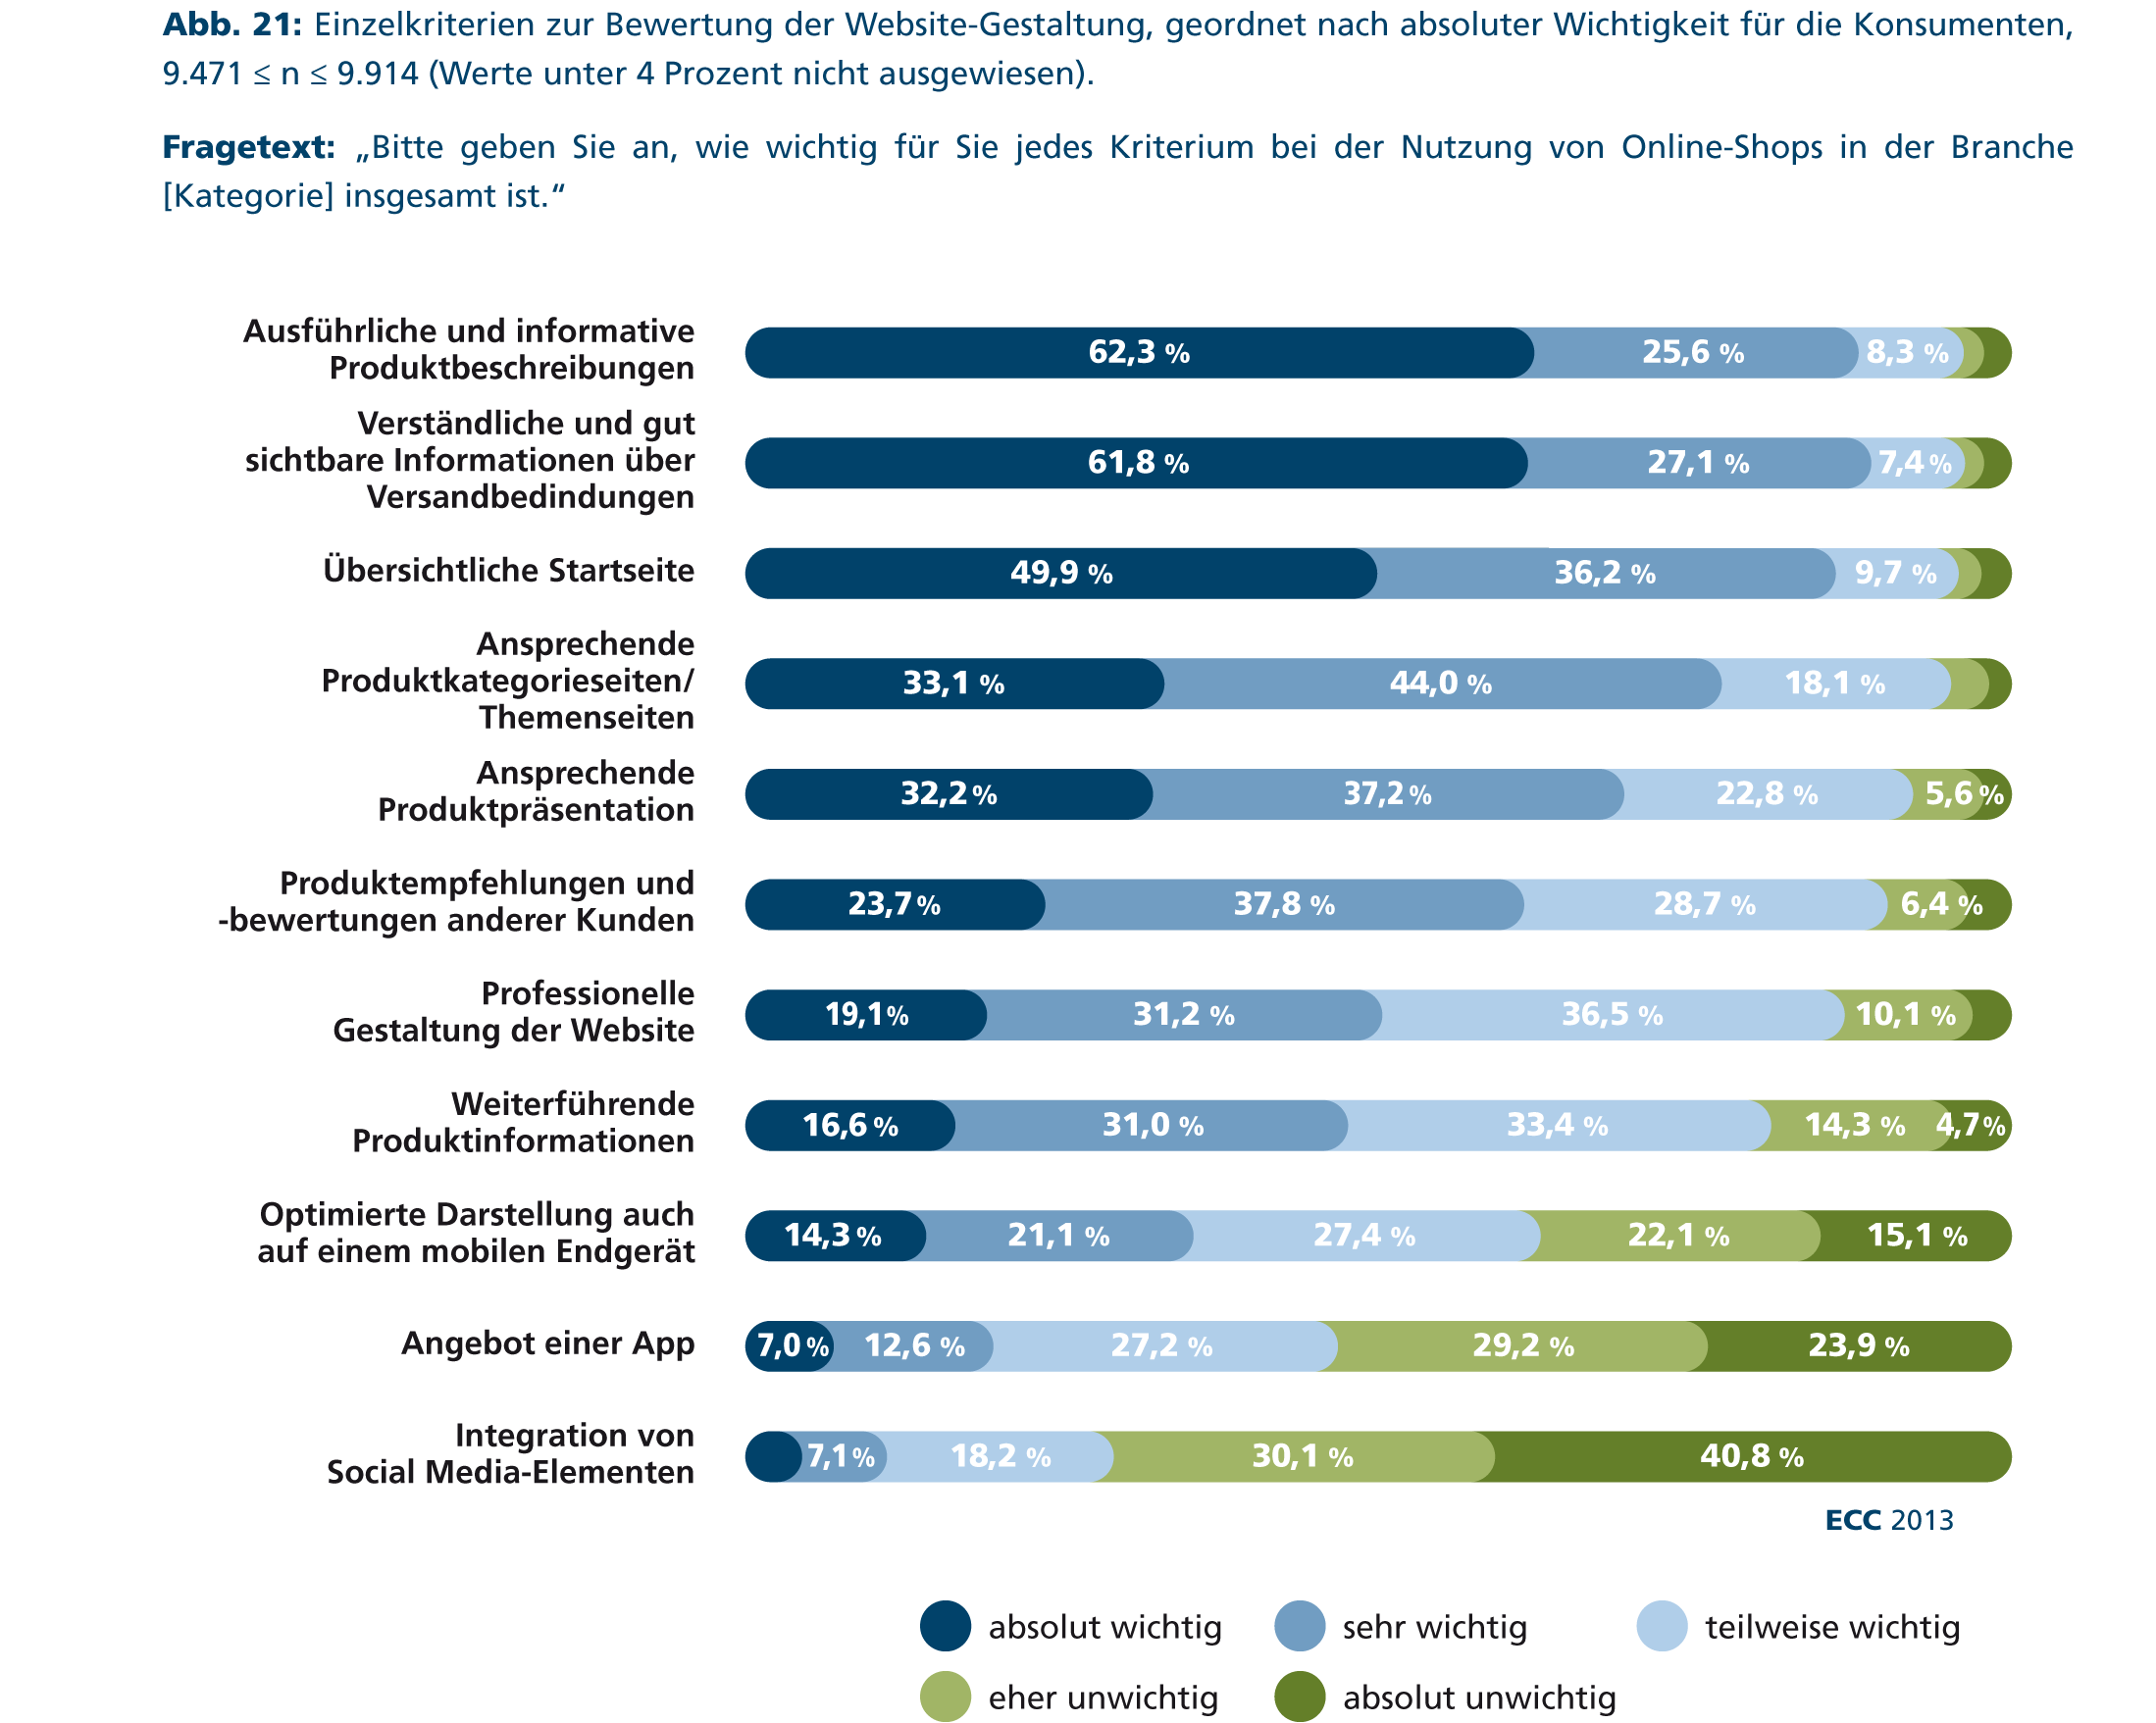 Erfolgsfaktoren im E-Commerce: Kunden wollen ausführliche Produktbeschreibungen - internetworld.de